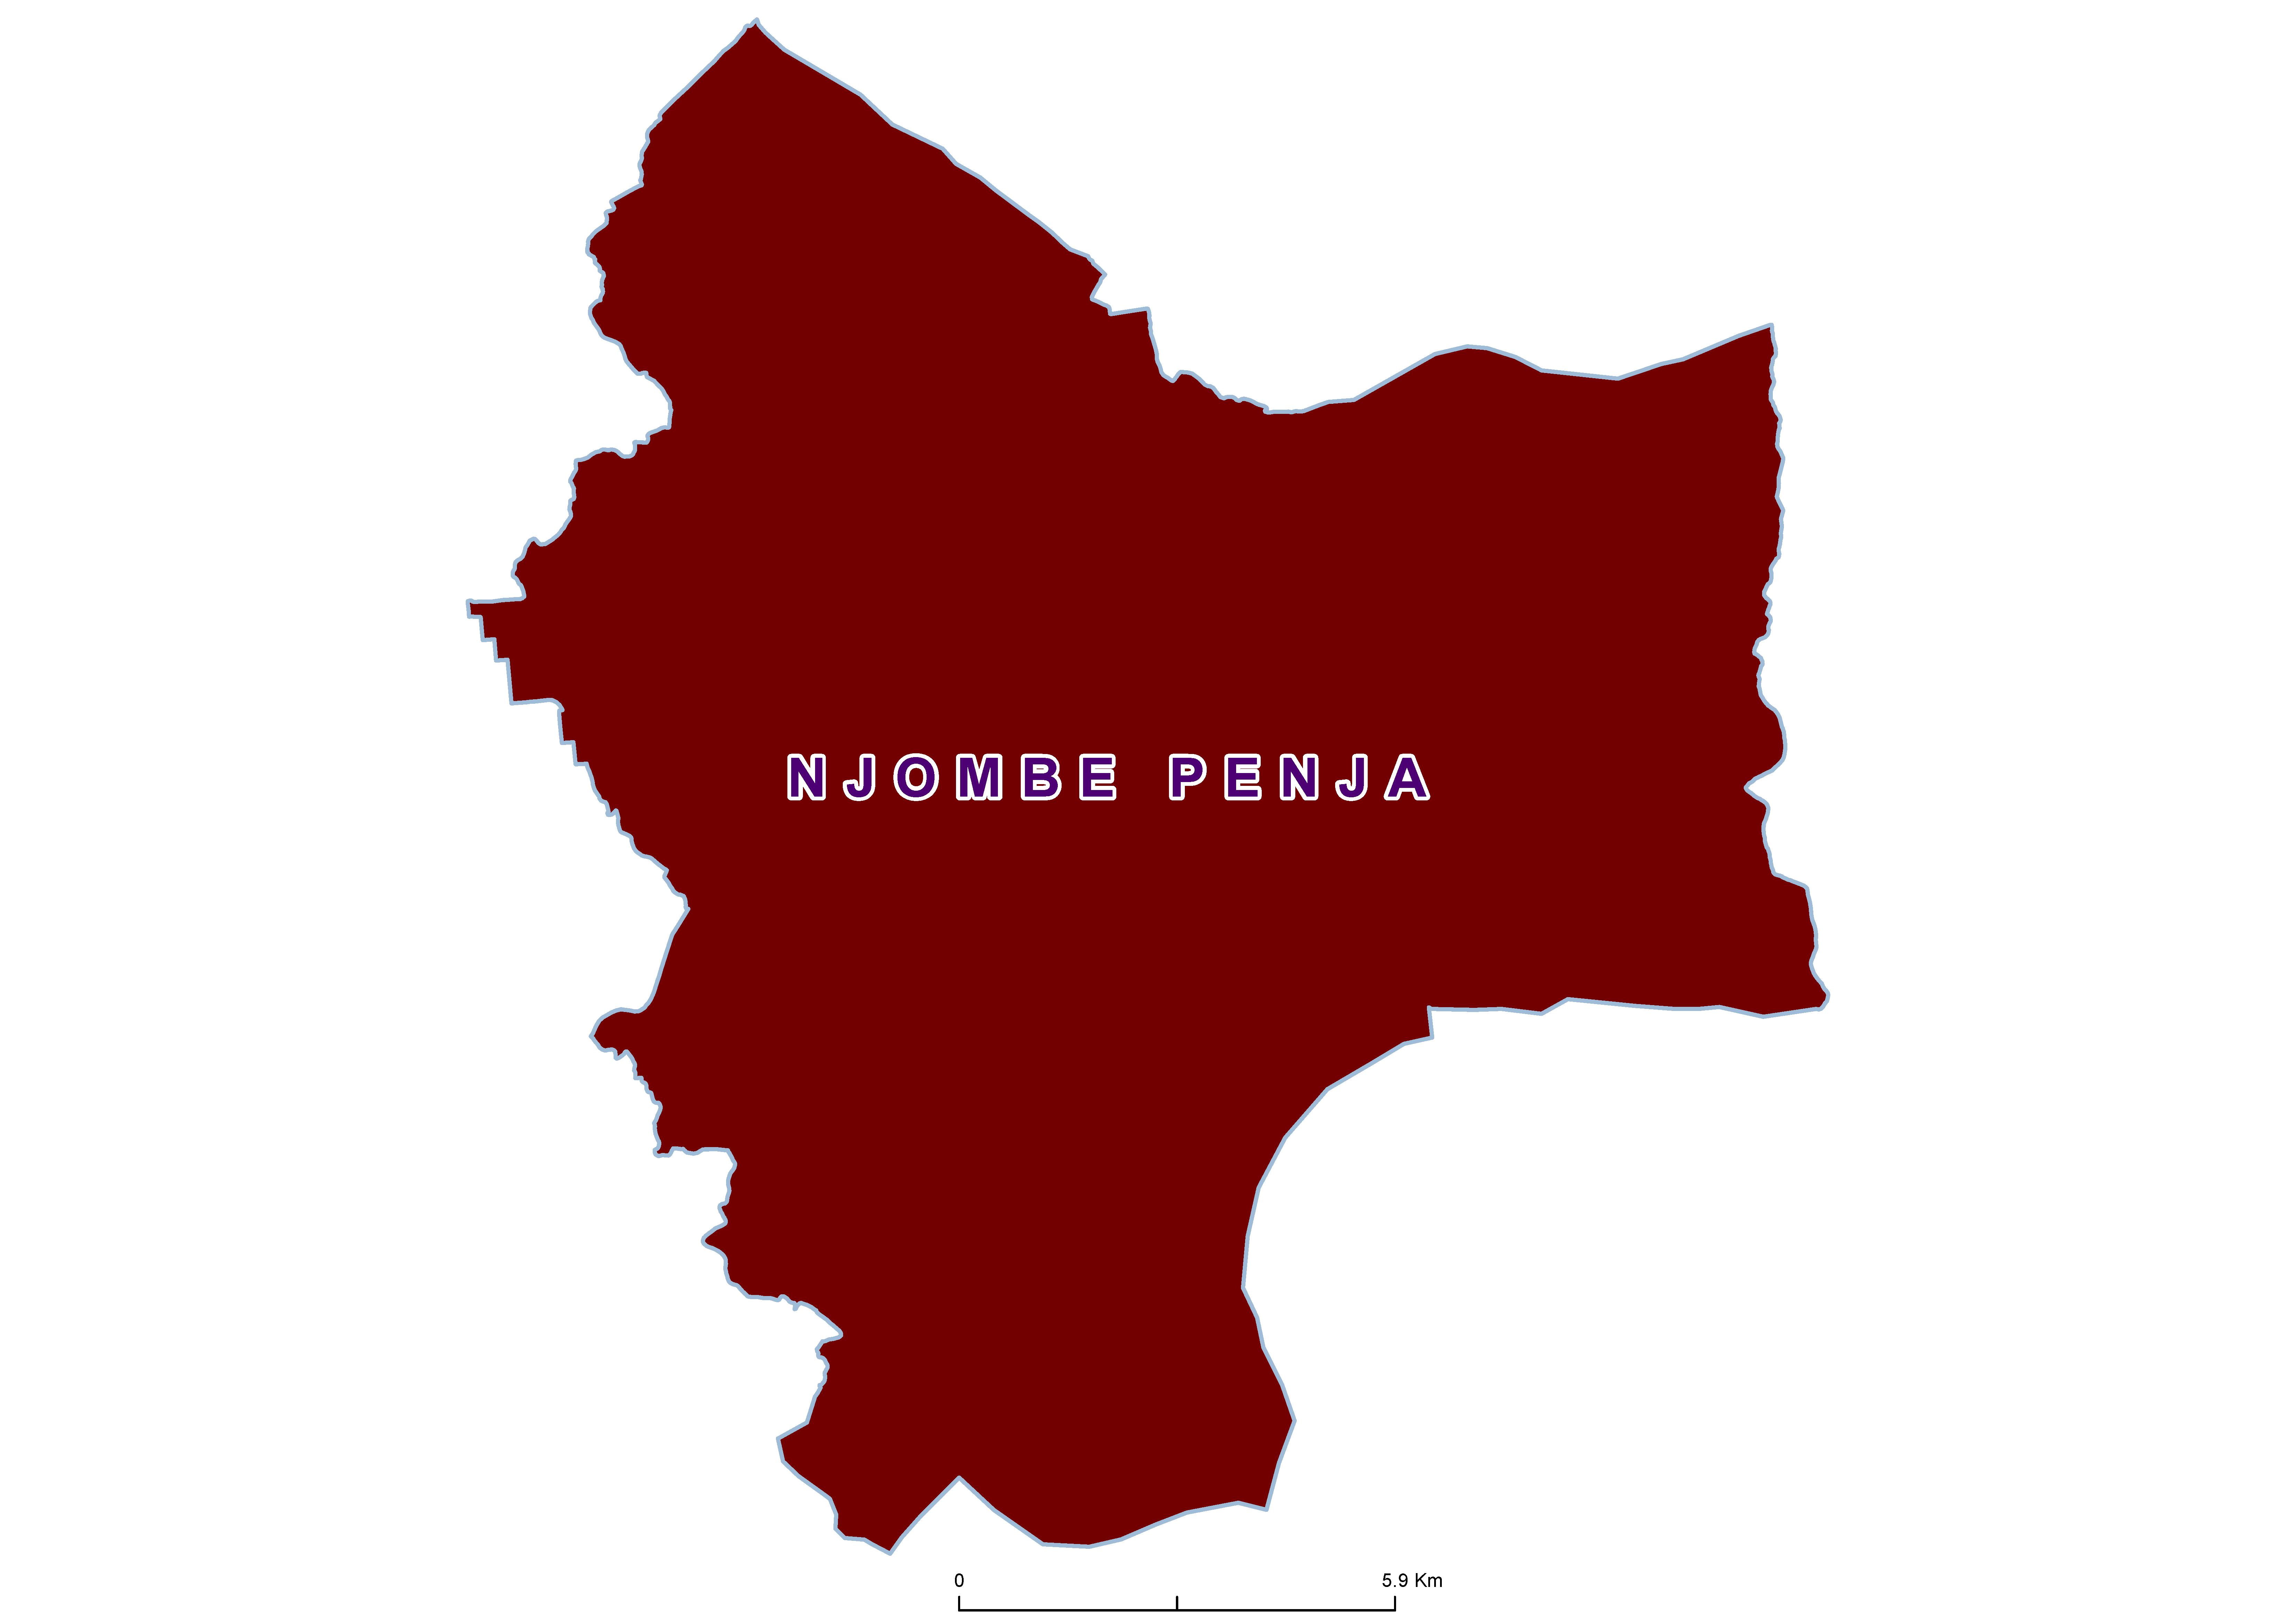 Njombe penja Mean STH 19850001